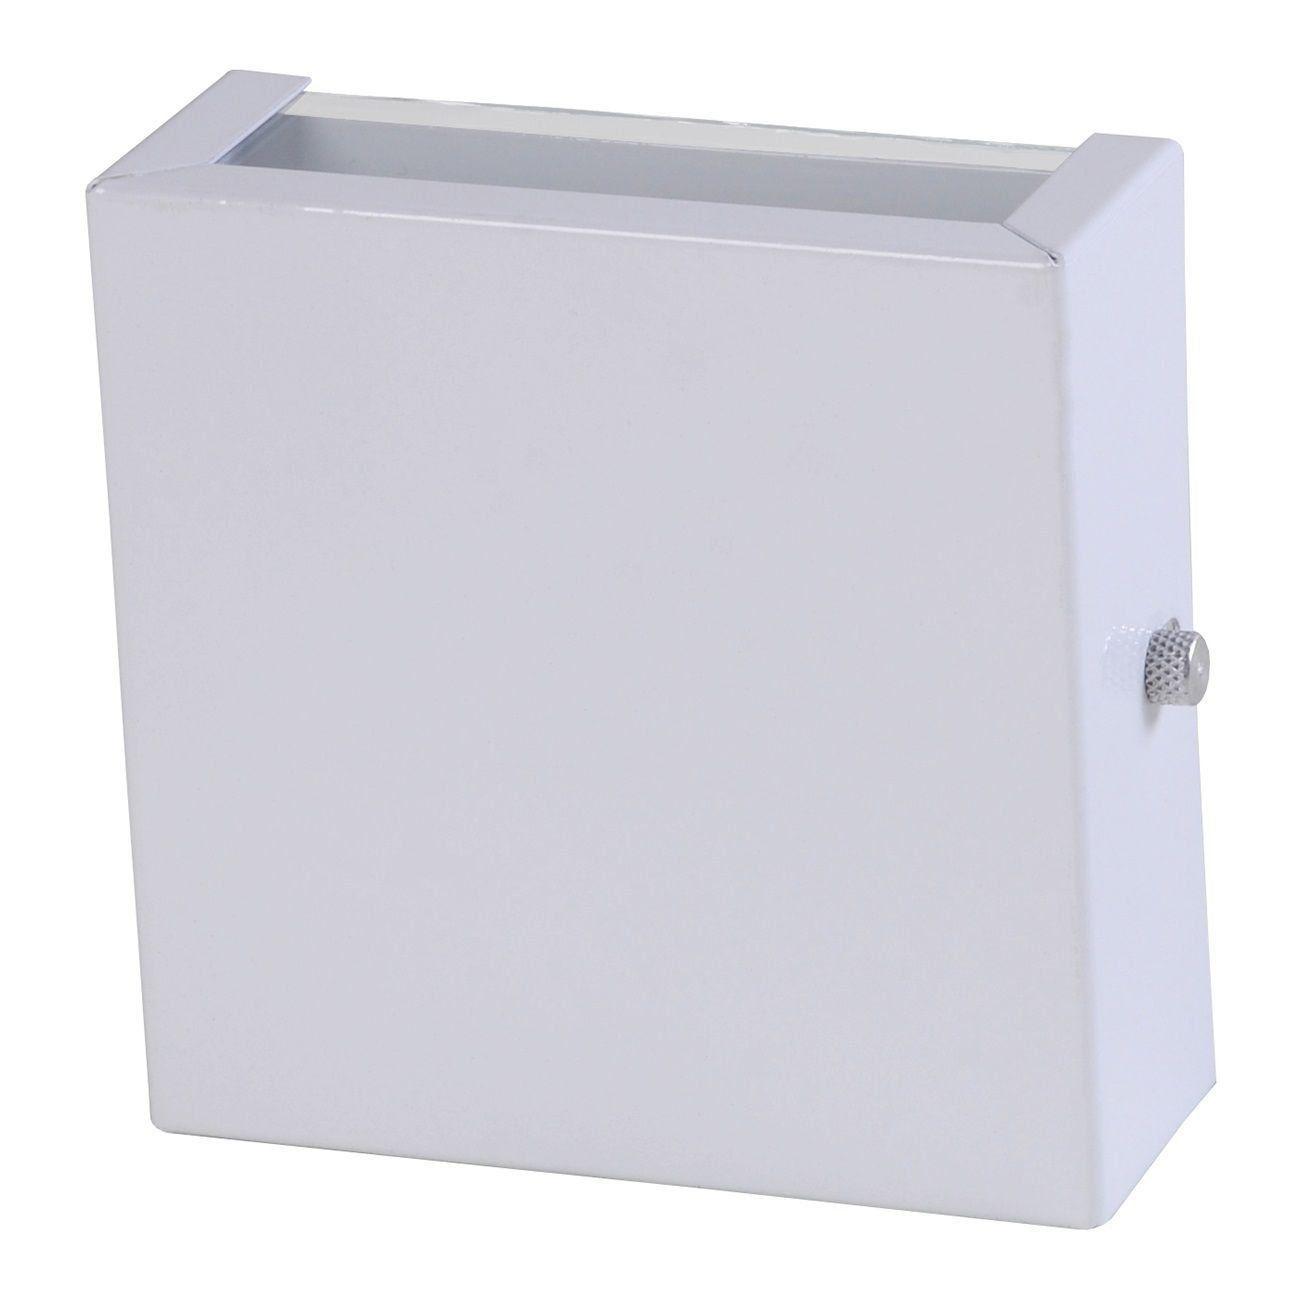 Arandela 2 Fachos Slim Luminária Externa Interna Muro Parede Alumínio Branco - Rei da Iluminação